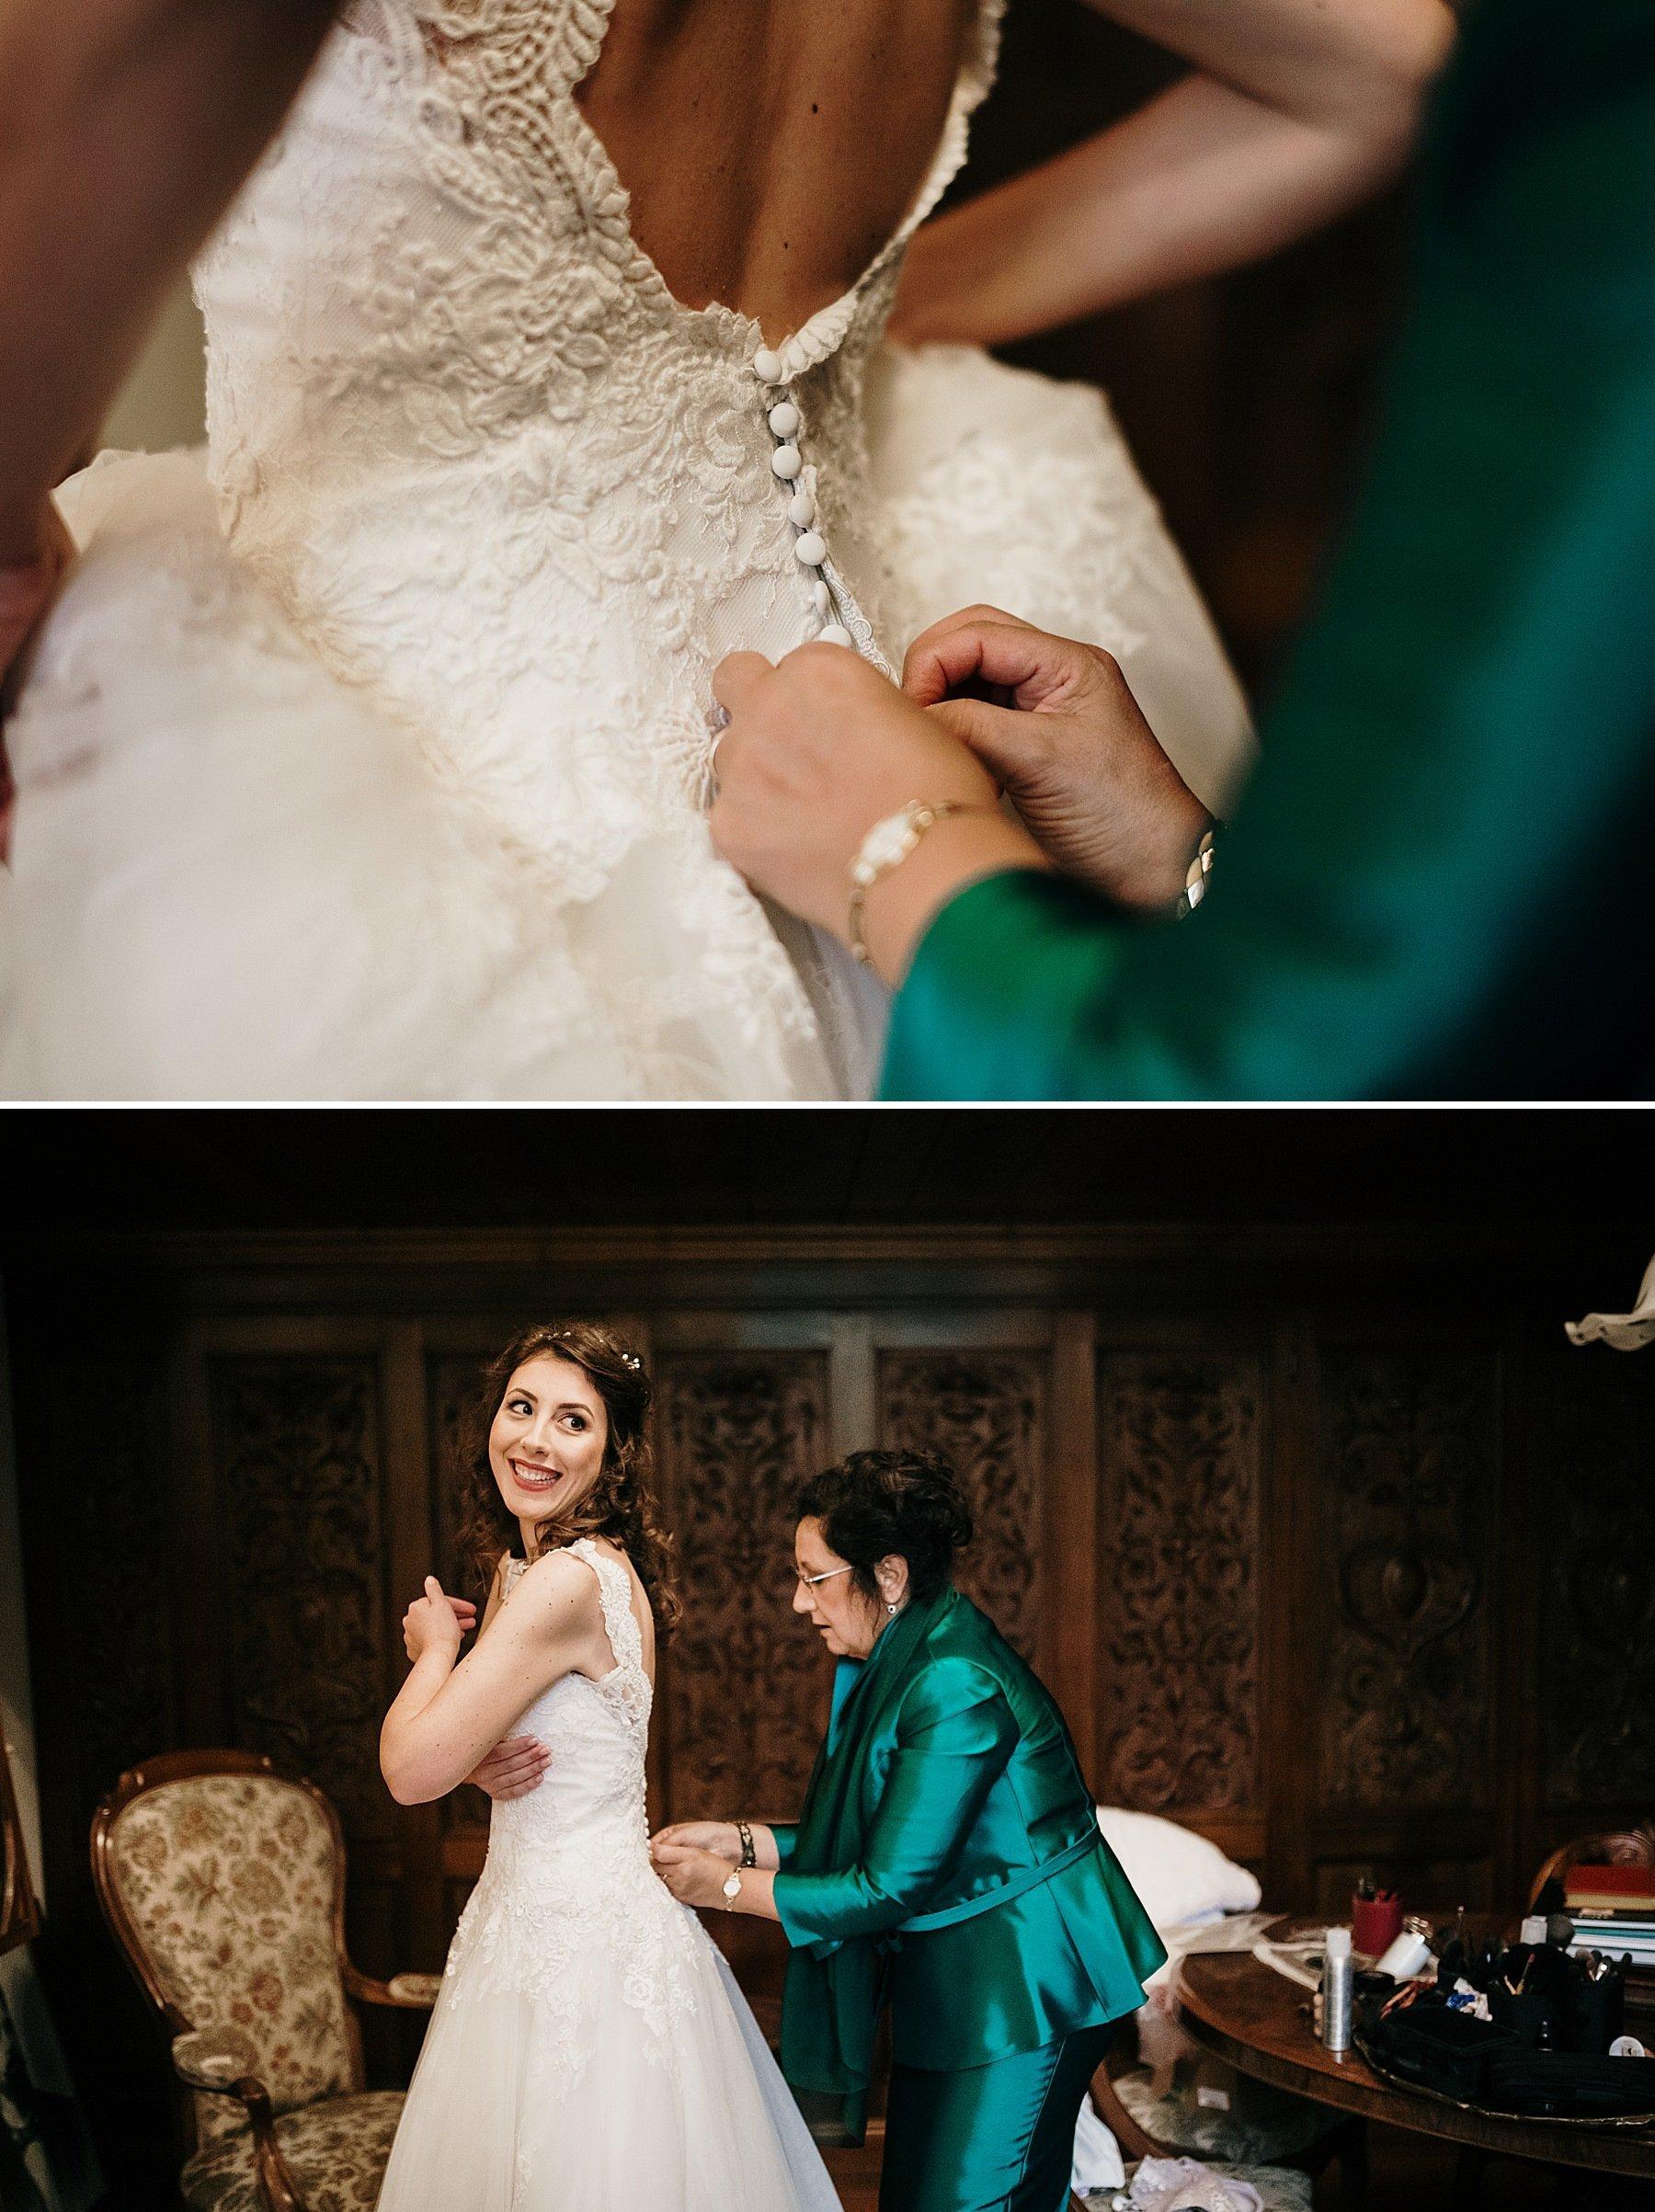 fotografia di matrimonio a firenze in inverno 717